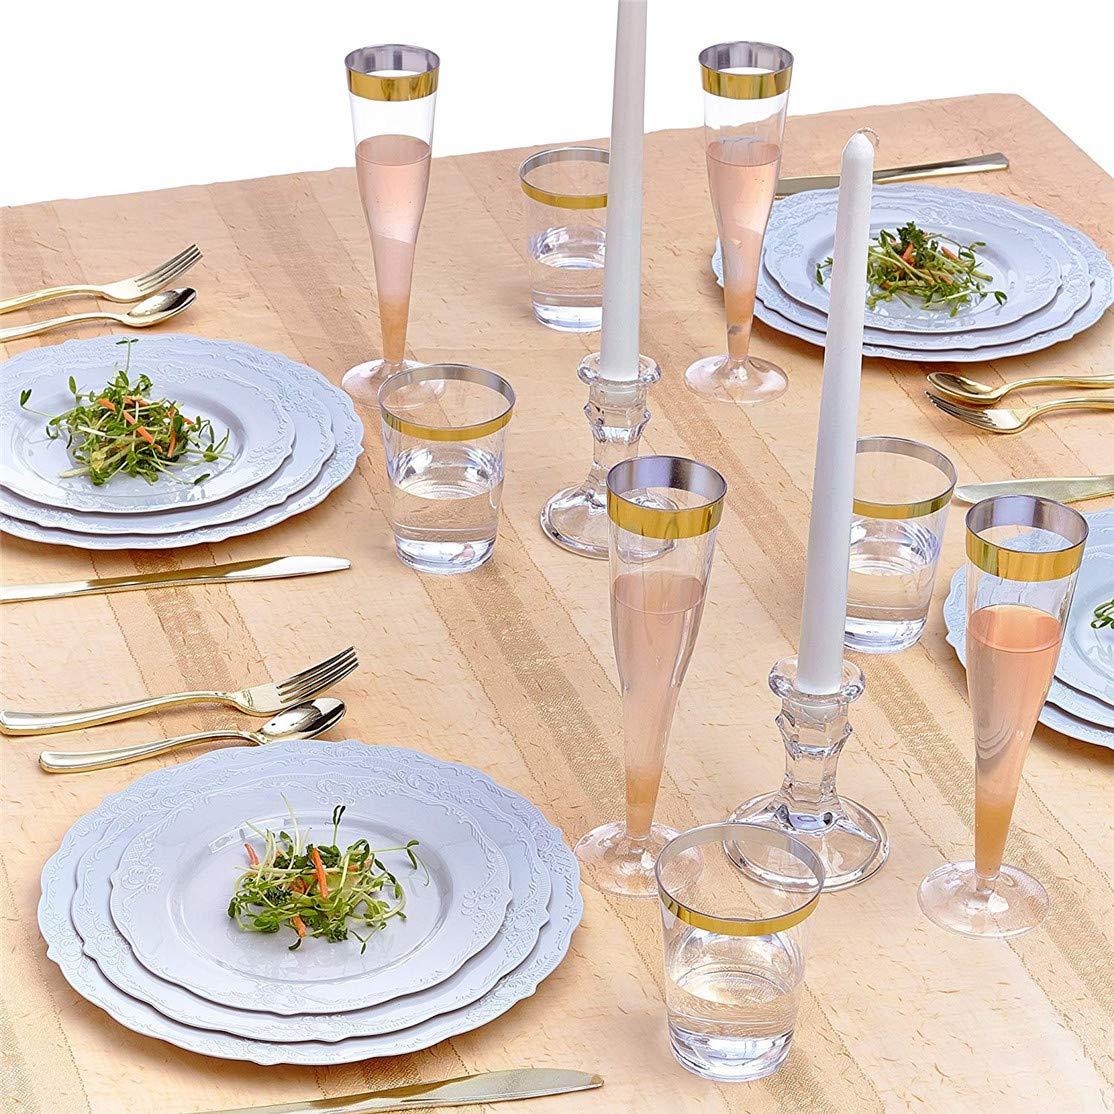 Juego de vajilla desechable (30 piezas), 10 platos de cena, 10 platos de ensalada, 10 platos de postre, platos de plástico pesados, platos finos de ...